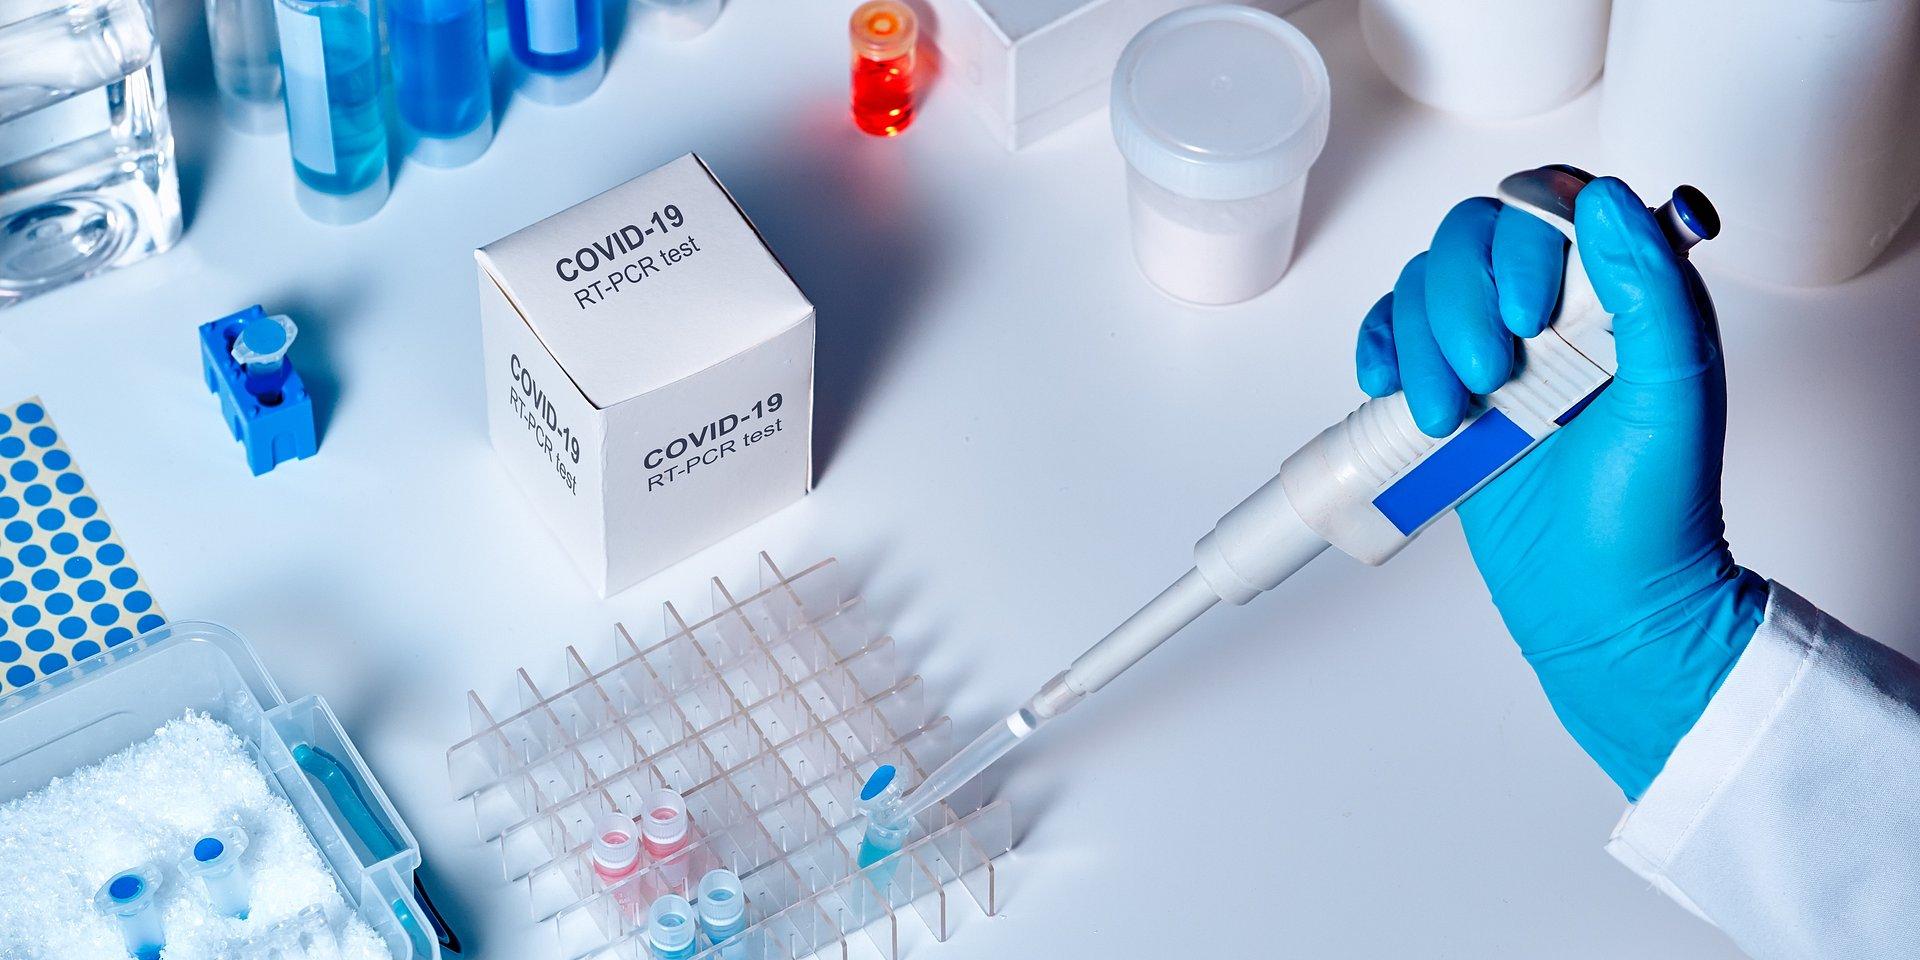 PKO Bank Polski wspiera walkę z koronawirusem! Zakupił 7,5 tys. testów i zaangażował się w zbiórkę środków na kolejne – Pomagamy Polsce i Polakom